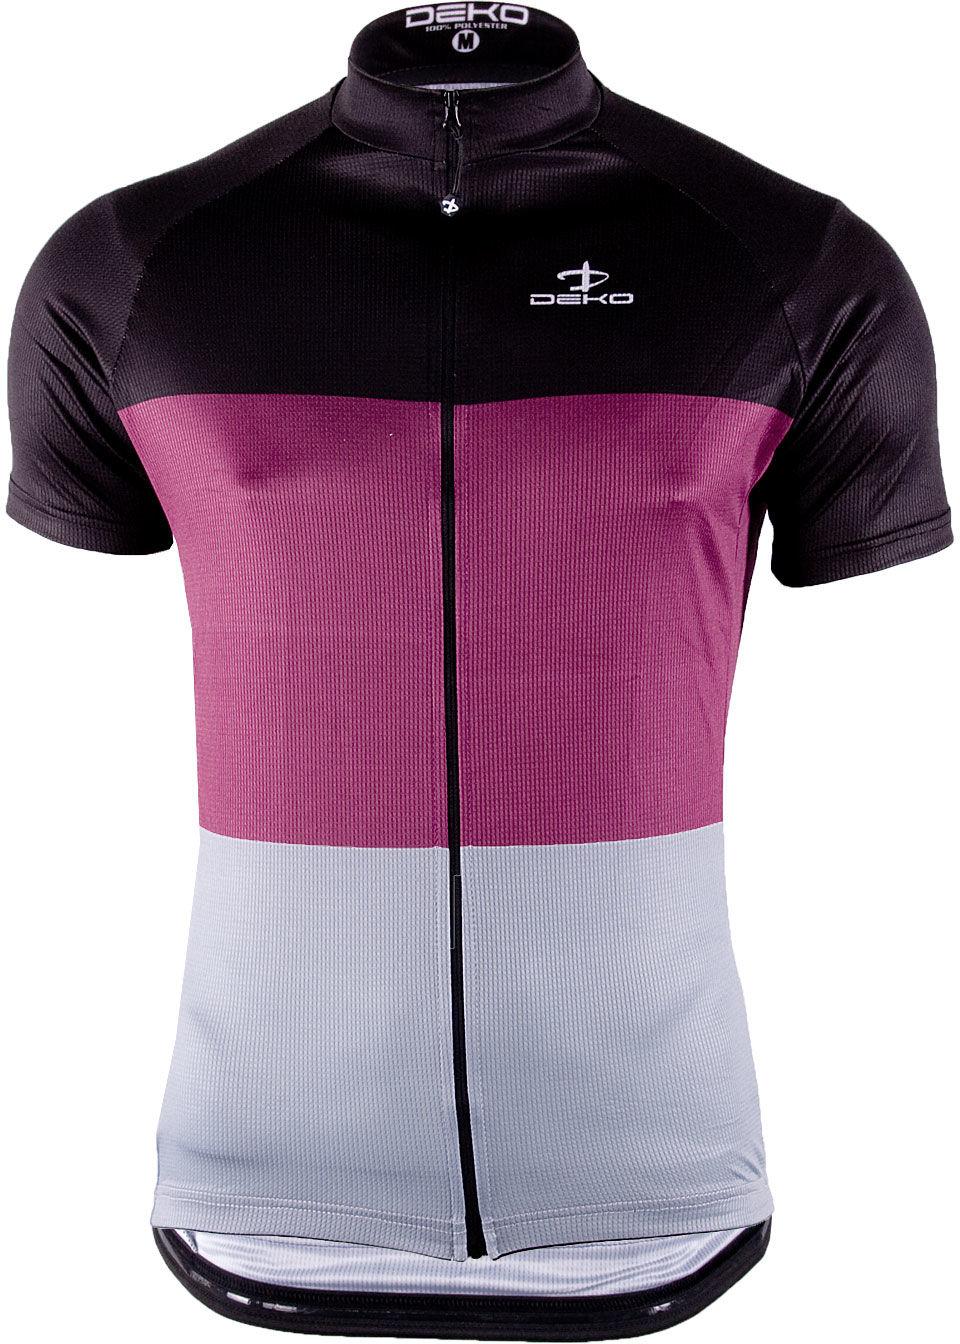 DEKO męska koszulka rowerowa krótki rękaw Bordowy MNK-002-03 Rozmiar: 2XL,deko-mnk-002-03-burg